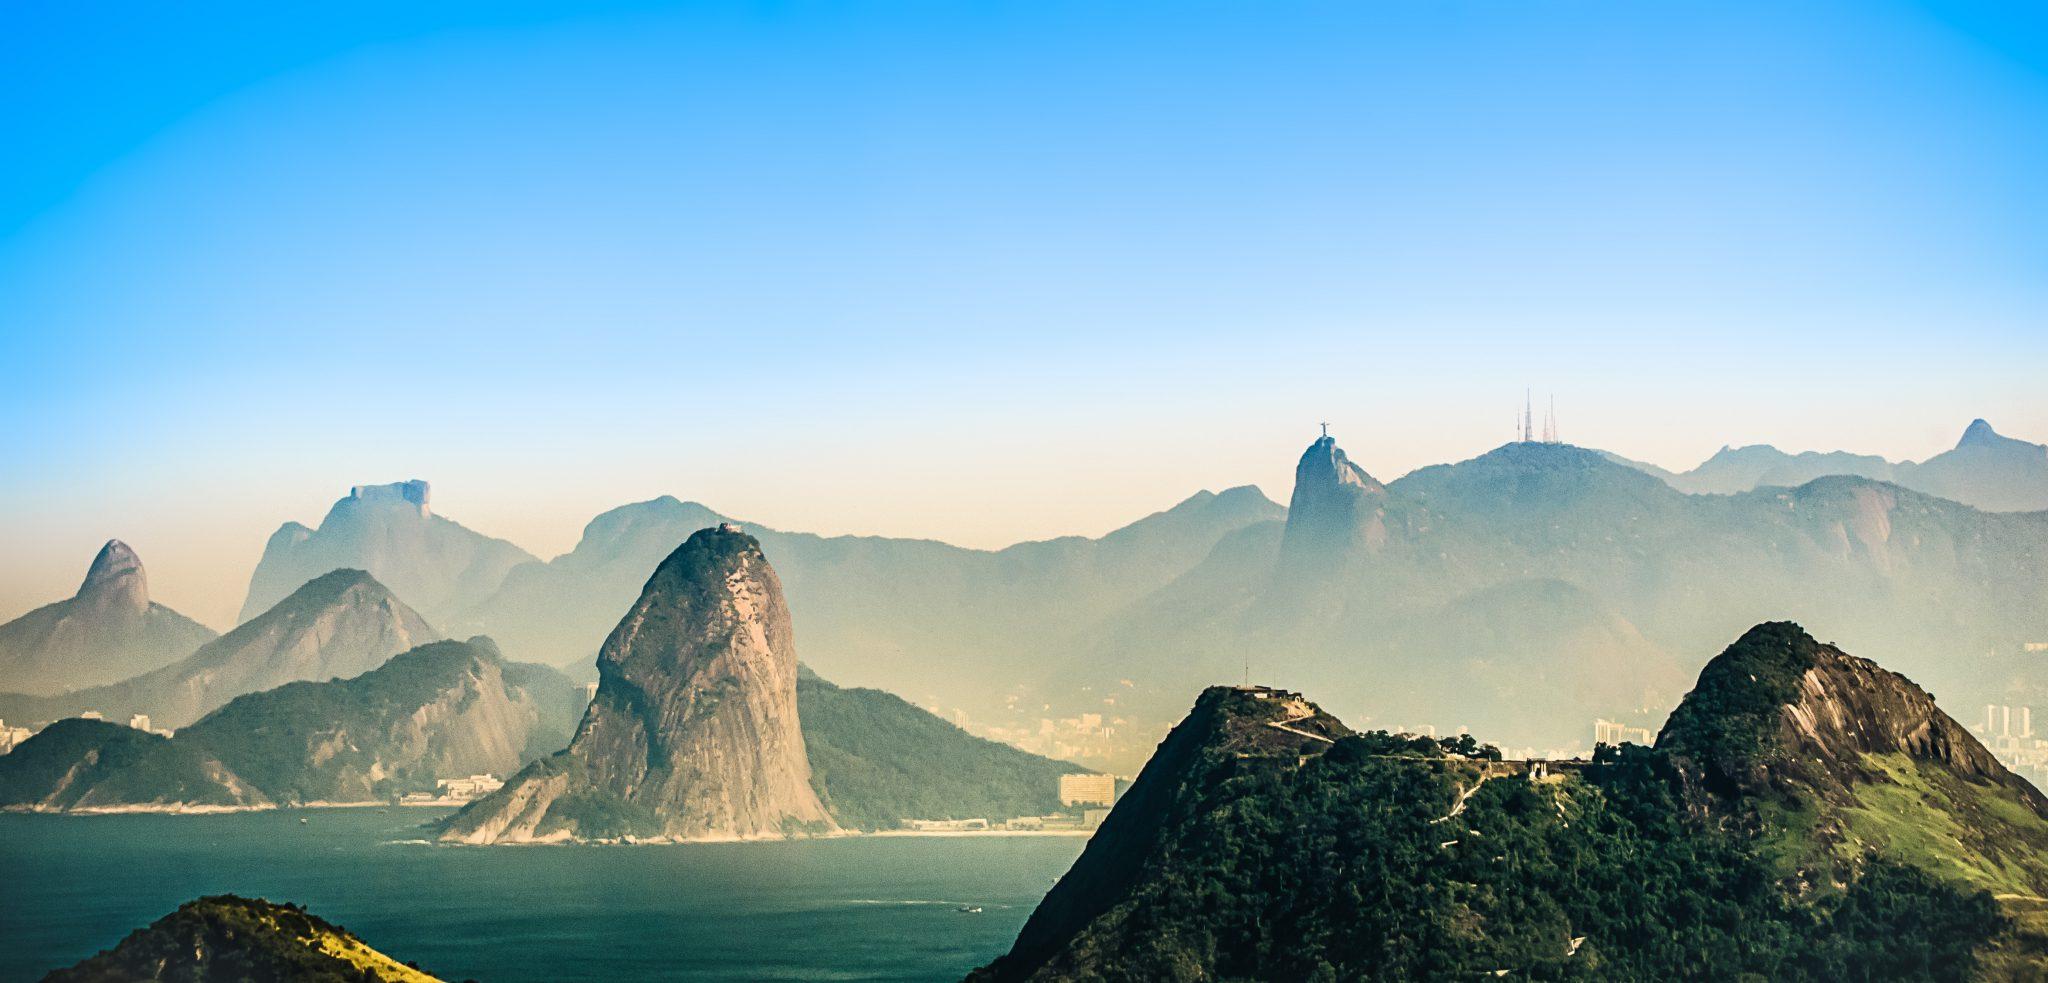 montagnes a Rio de Janeiro Bresil